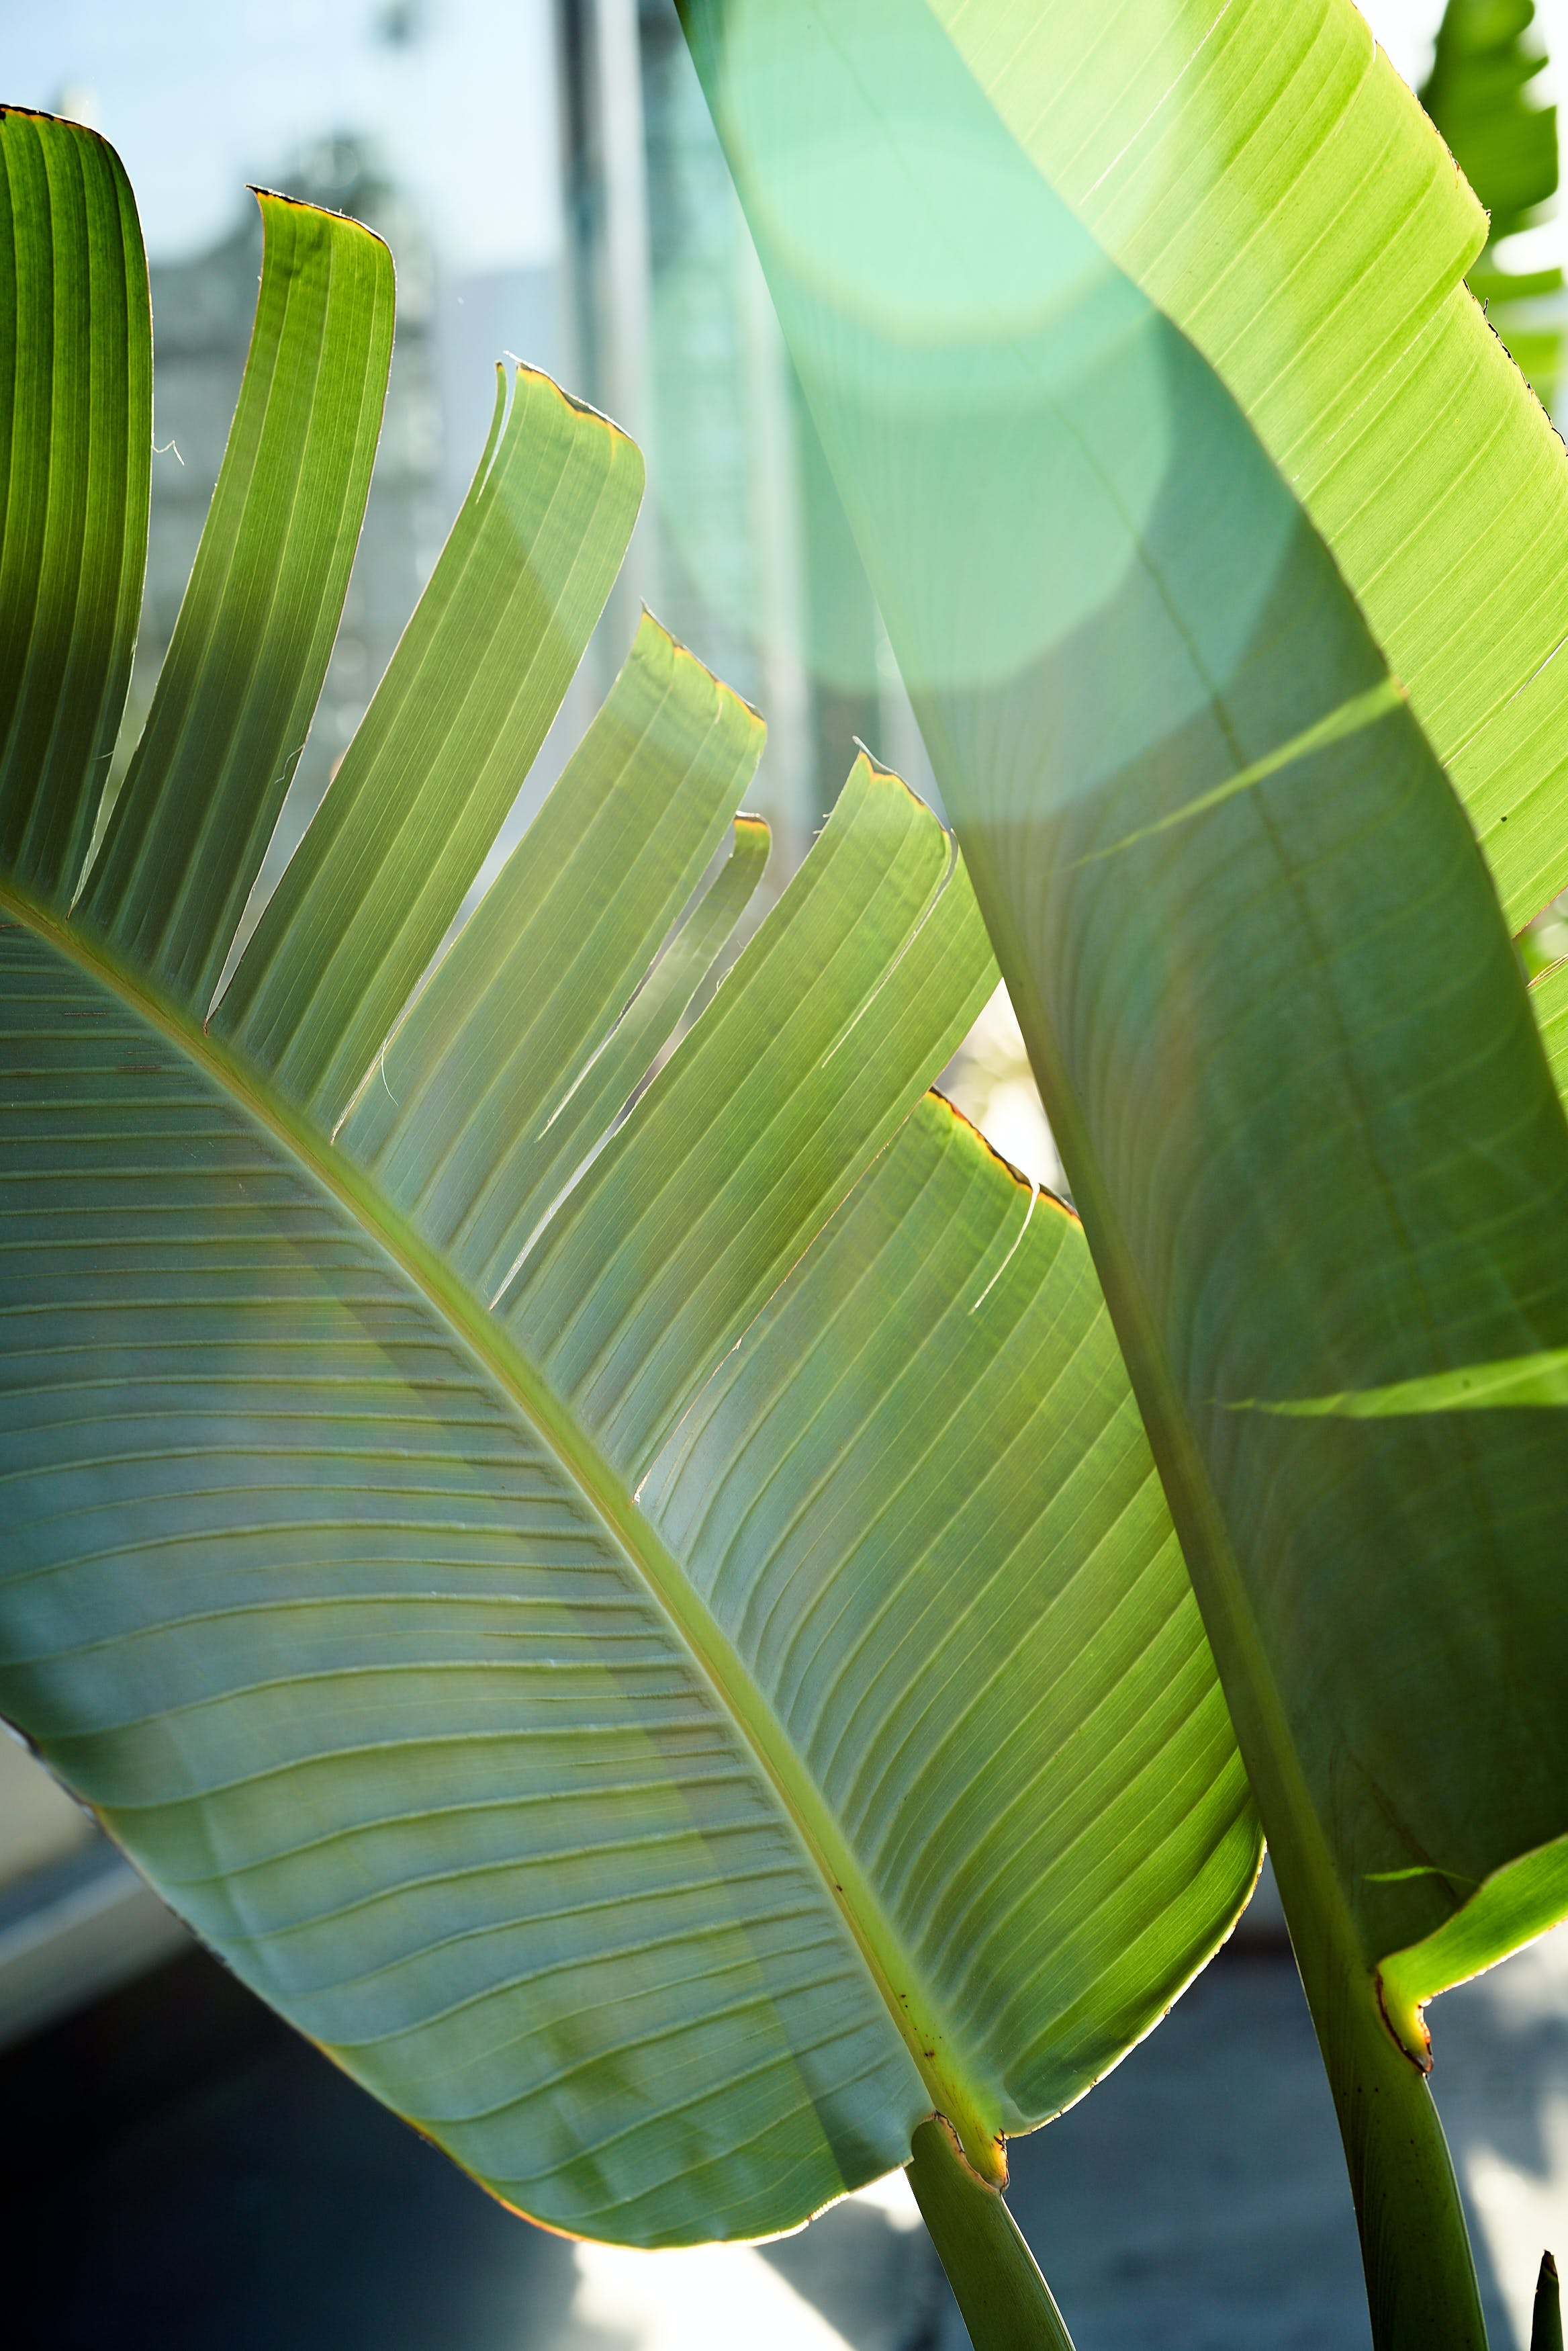 エキゾチック, エコロジー, トロピカル, バナナの無料の写真素材